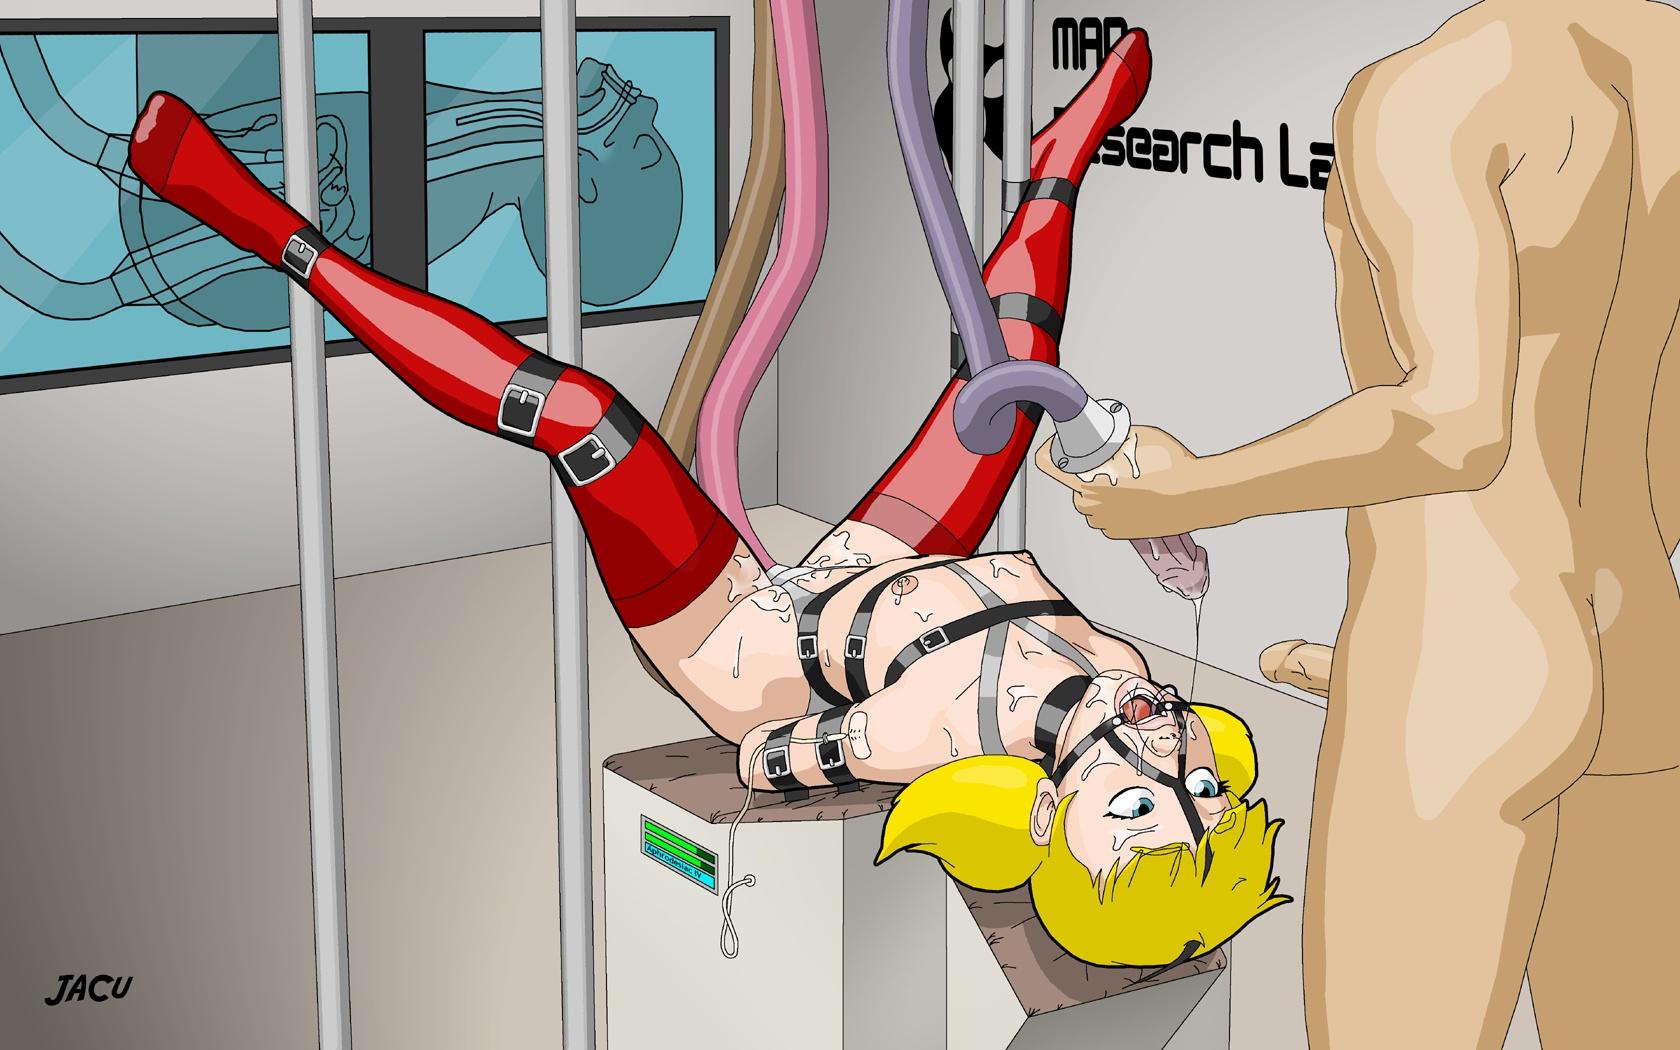 sophie gadget nude inspector